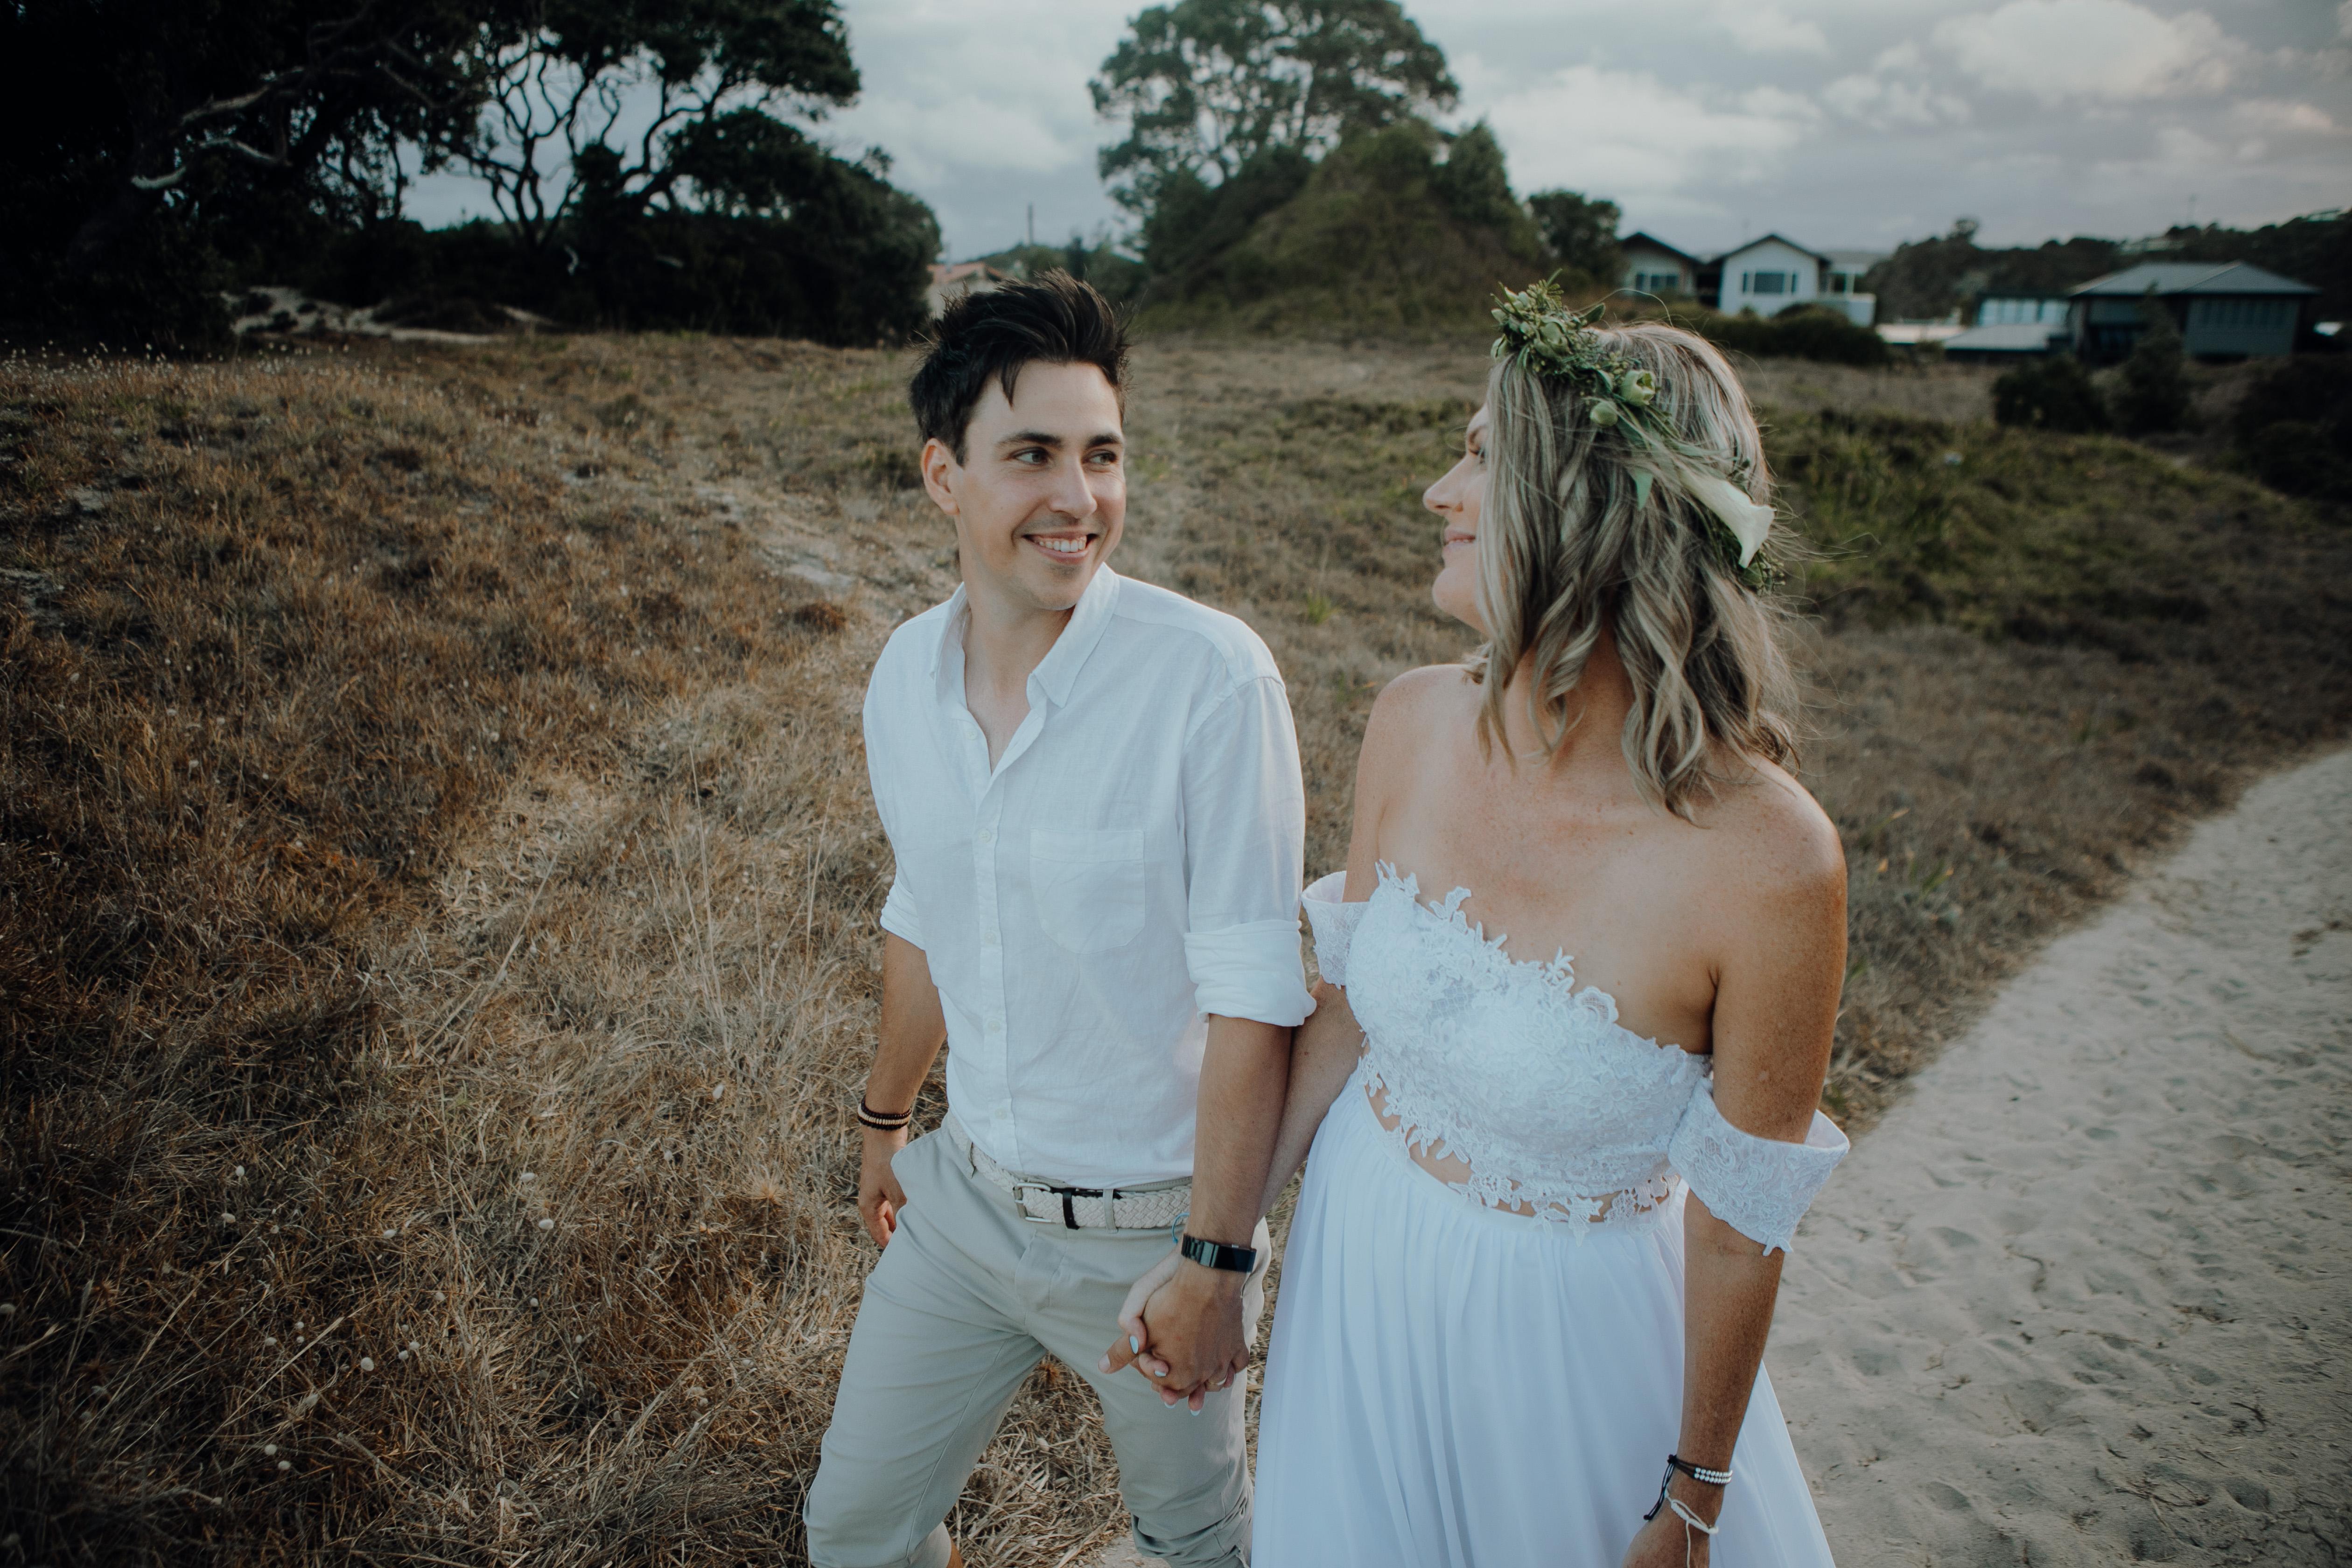 Couple wedding photoshoot